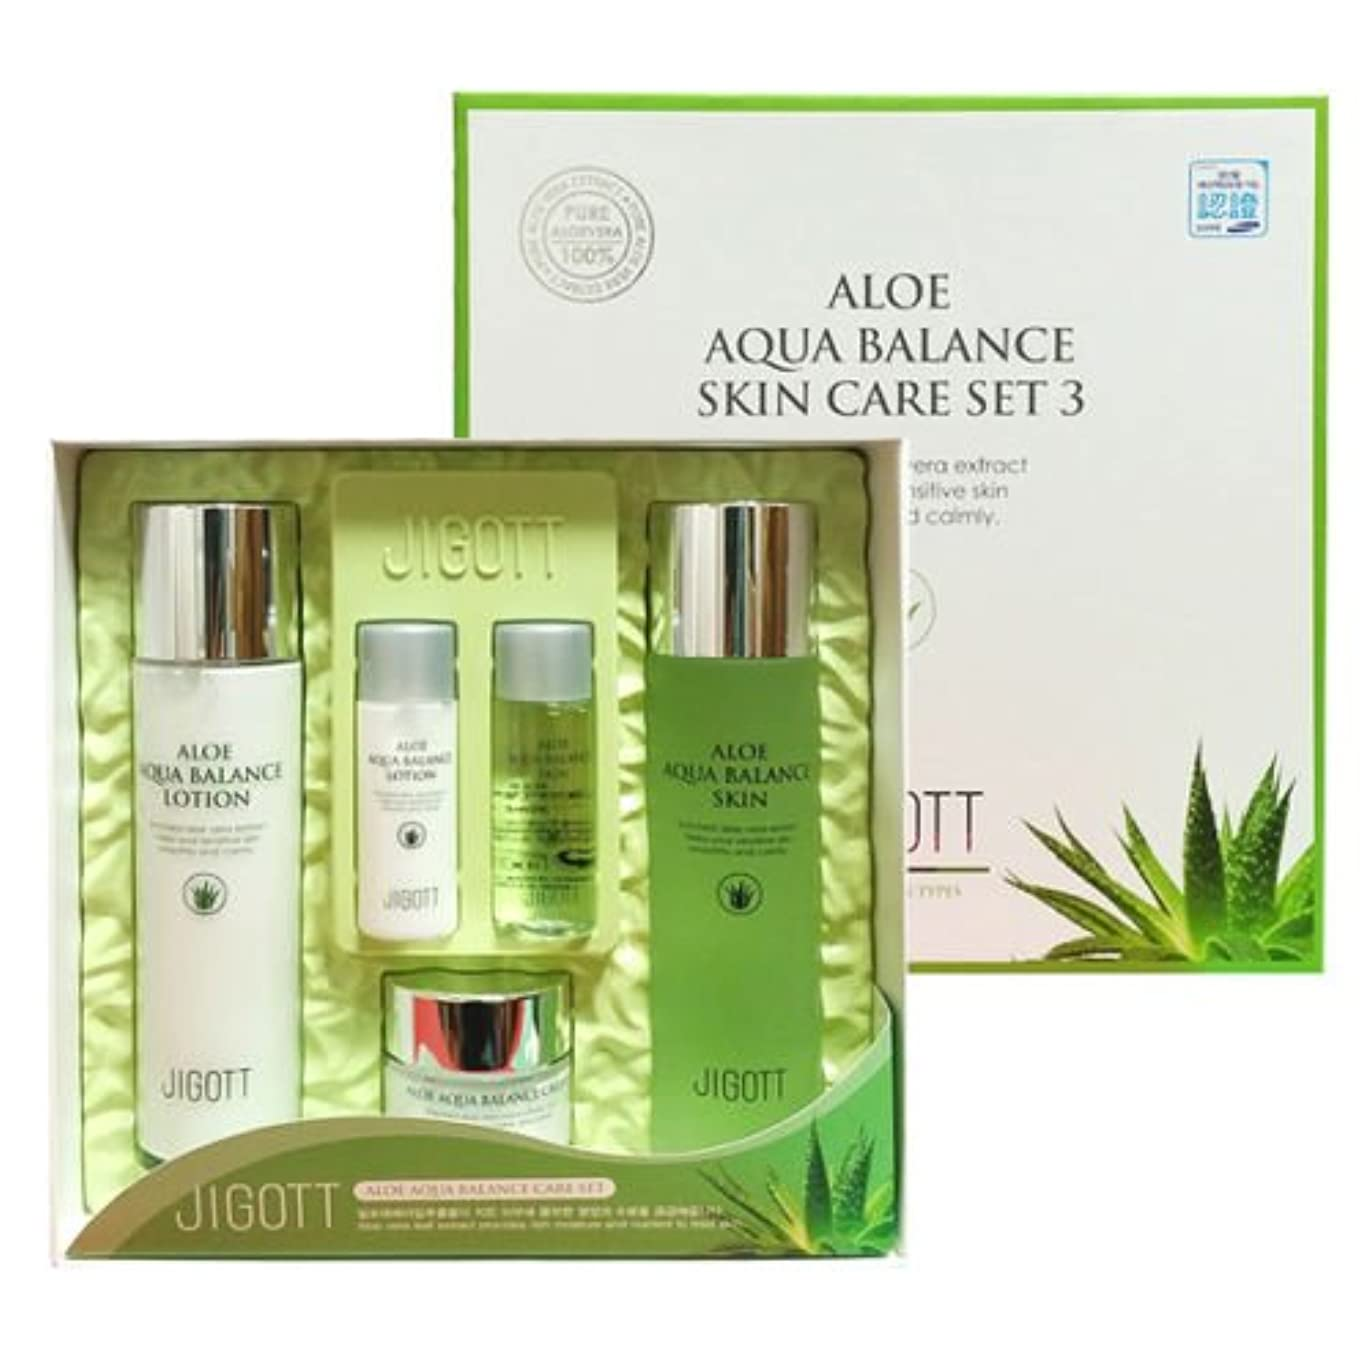 フェローシップ全員悲観主義者ジゴトゥ[韓国コスメJigott]Aloe Aqua Balance Skin Care 3 Set アロエアクアバランススキンケア3セット樹液,乳液,クリーム [並行輸入品]